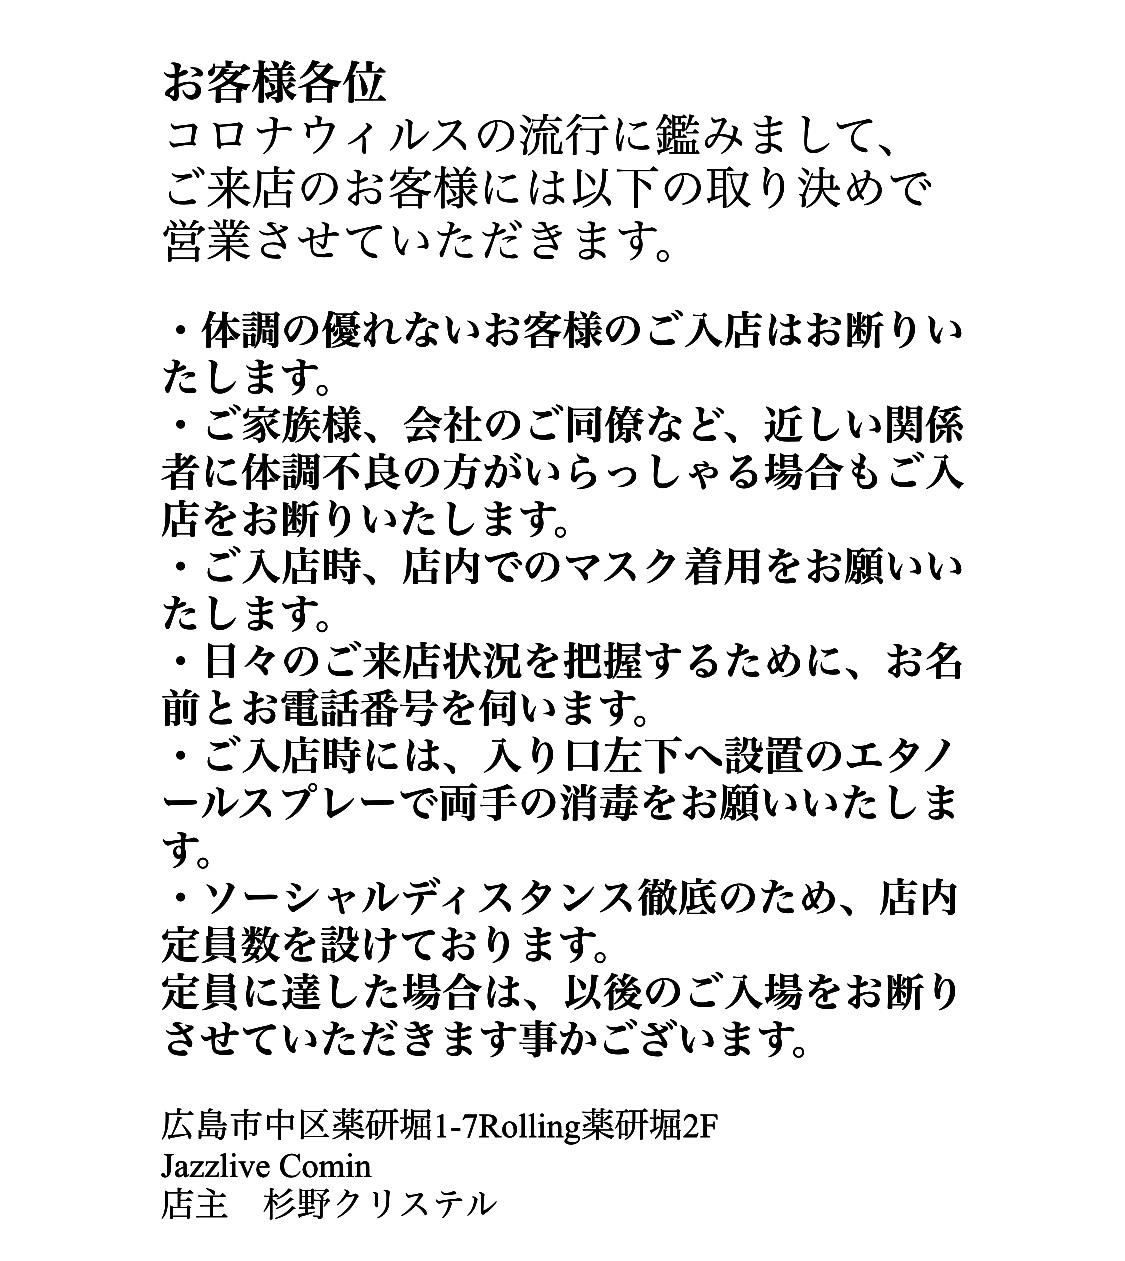 広島 ジャズライブカミン Jazzlive Comin 本日14日はセッションやります!_b0115606_10210662.jpeg